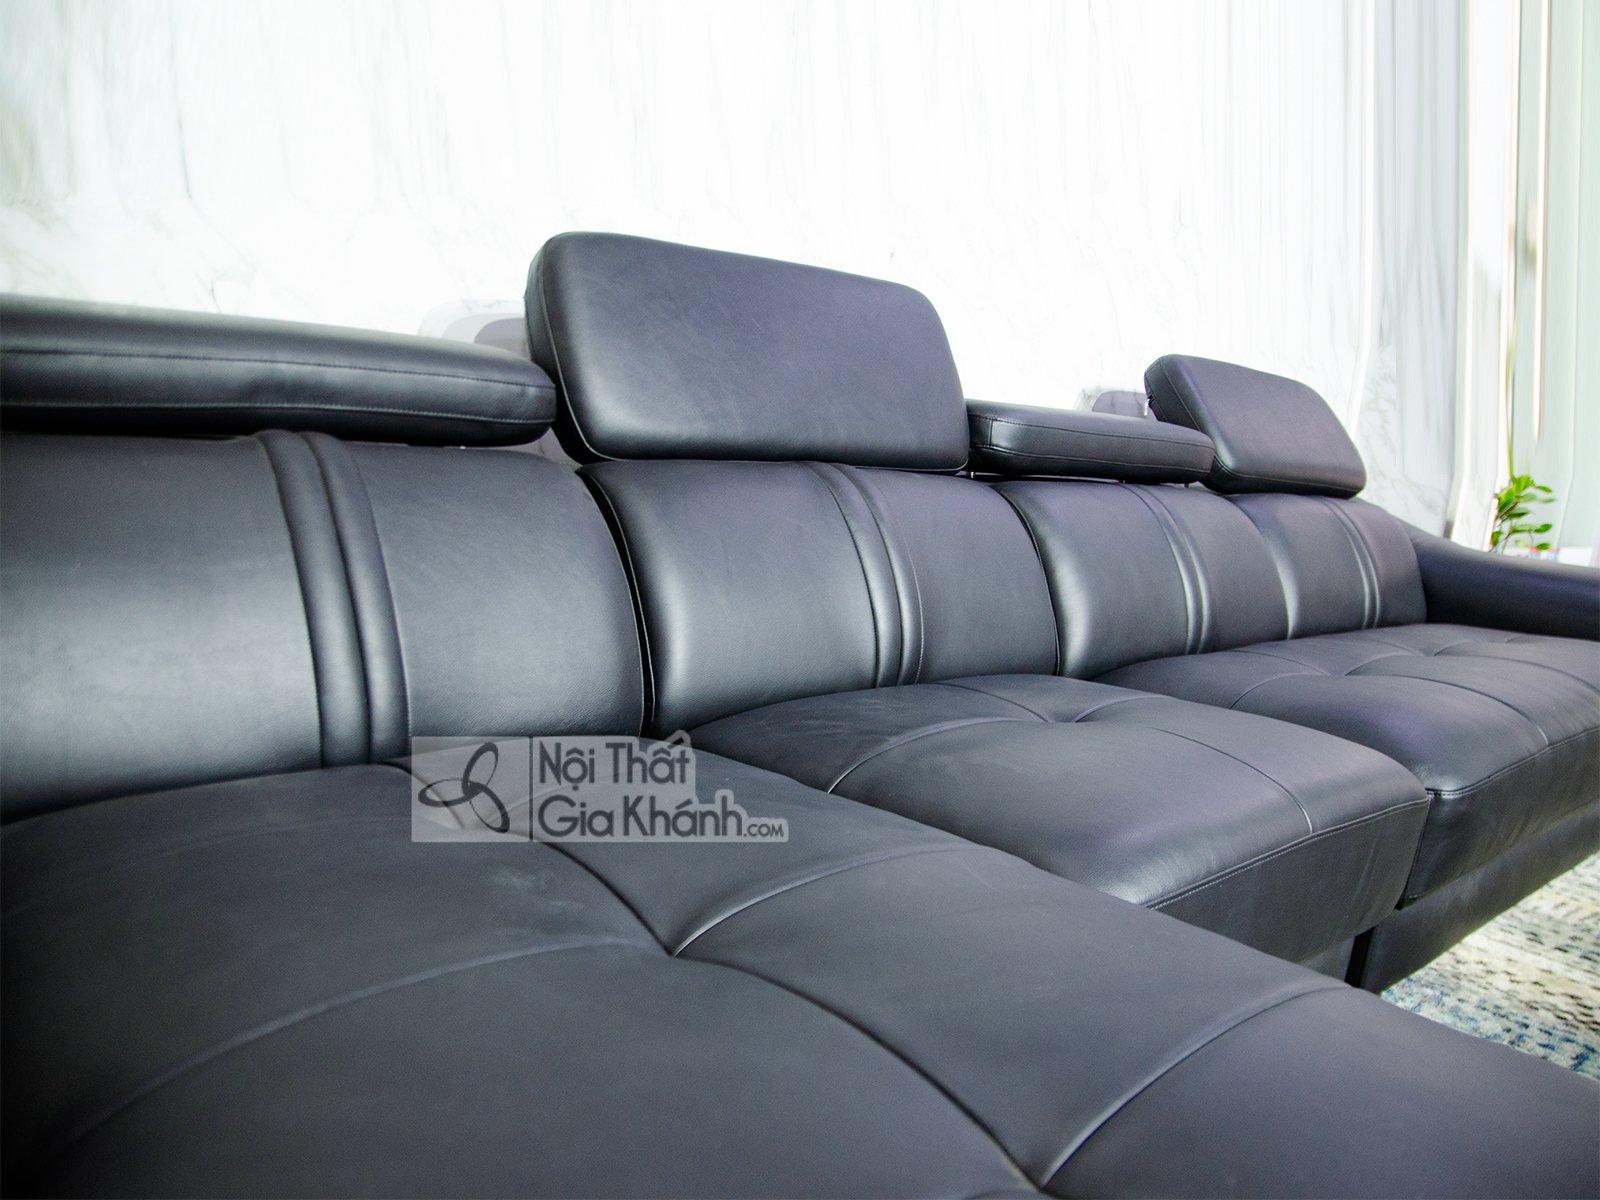 sofa da 3 bang goc phai phong khach 6724d sf - SOFA DA 3 BĂNG GÓC PHẢI PHÒNG KHÁCH 6724D-SF